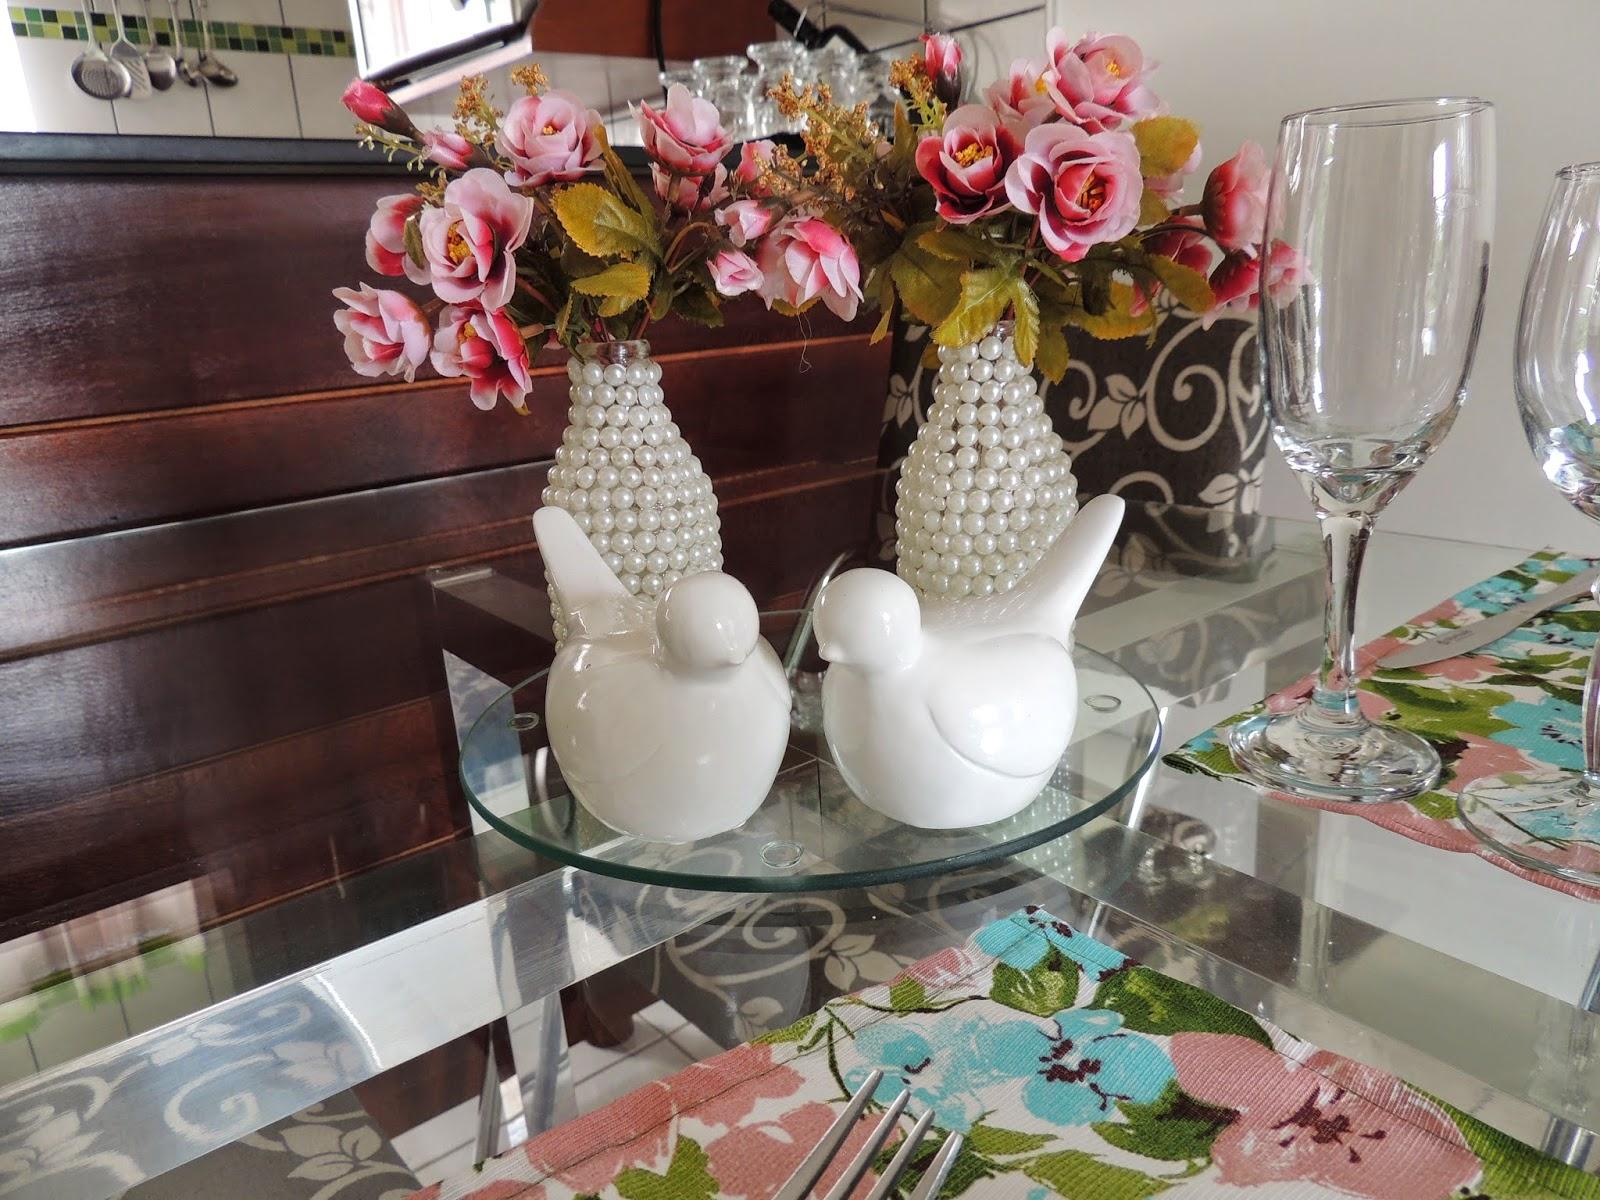 passo a passo reciclagem garrafinha vidro decorada meia perola decoracao casa artesanato pratico